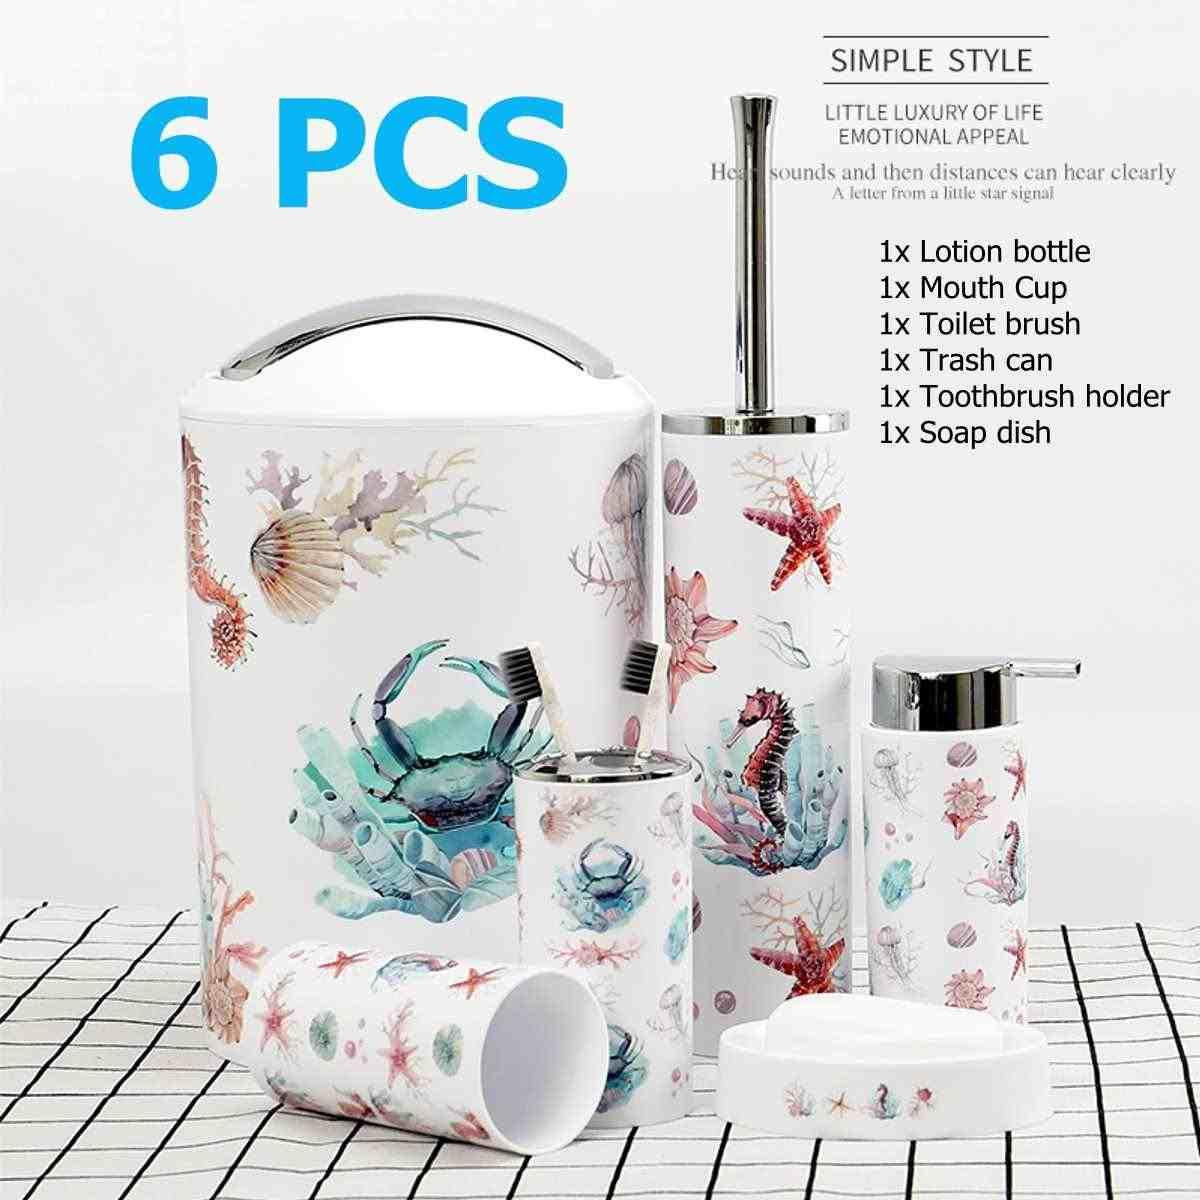 6 sztuk zestaw akcesoriów łazienkowych do mycia narzędzi butelka płyn do płukania ust kubek mydła na szczoteczki do zębów kosz na śmieci szczotka do wc artykuły gospodarstwa domowego